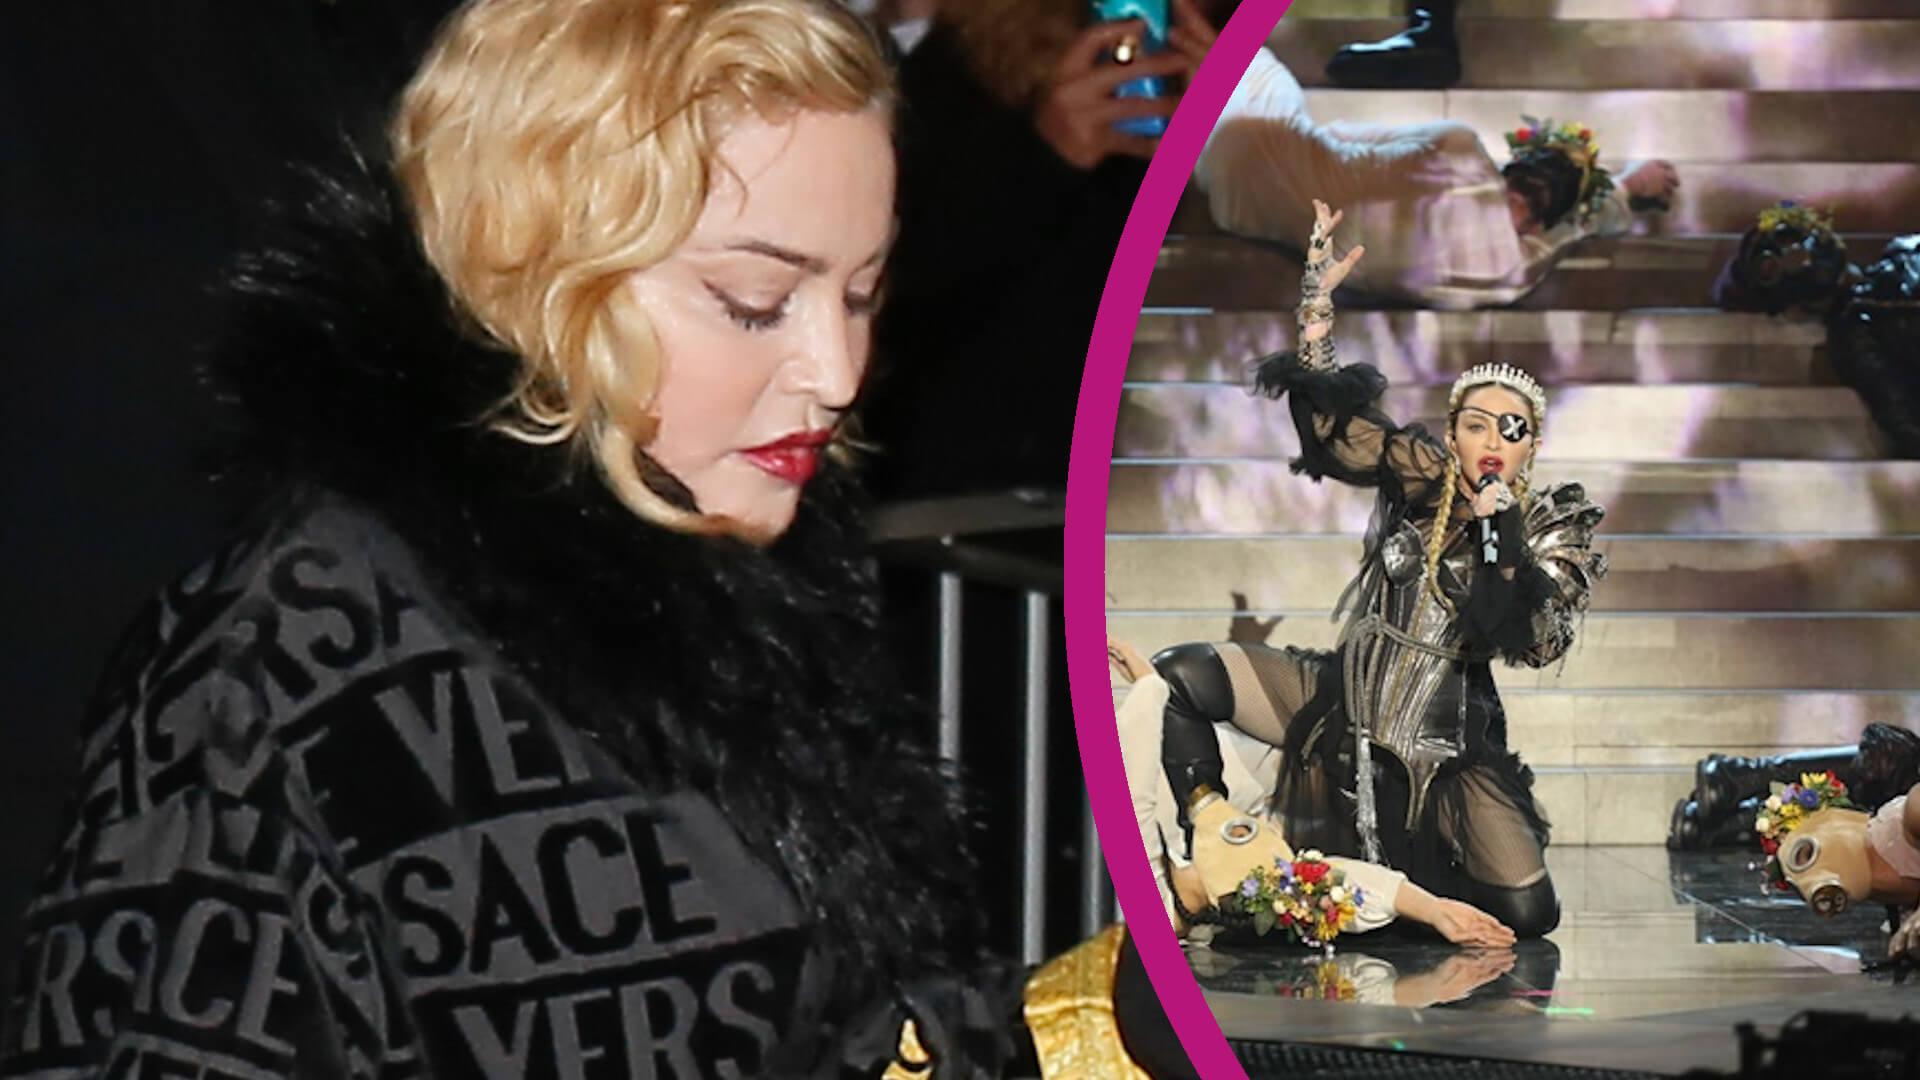 Szaleństwa na scenie dają się we znaki Madonnie. Artystka chodzi o LASCE